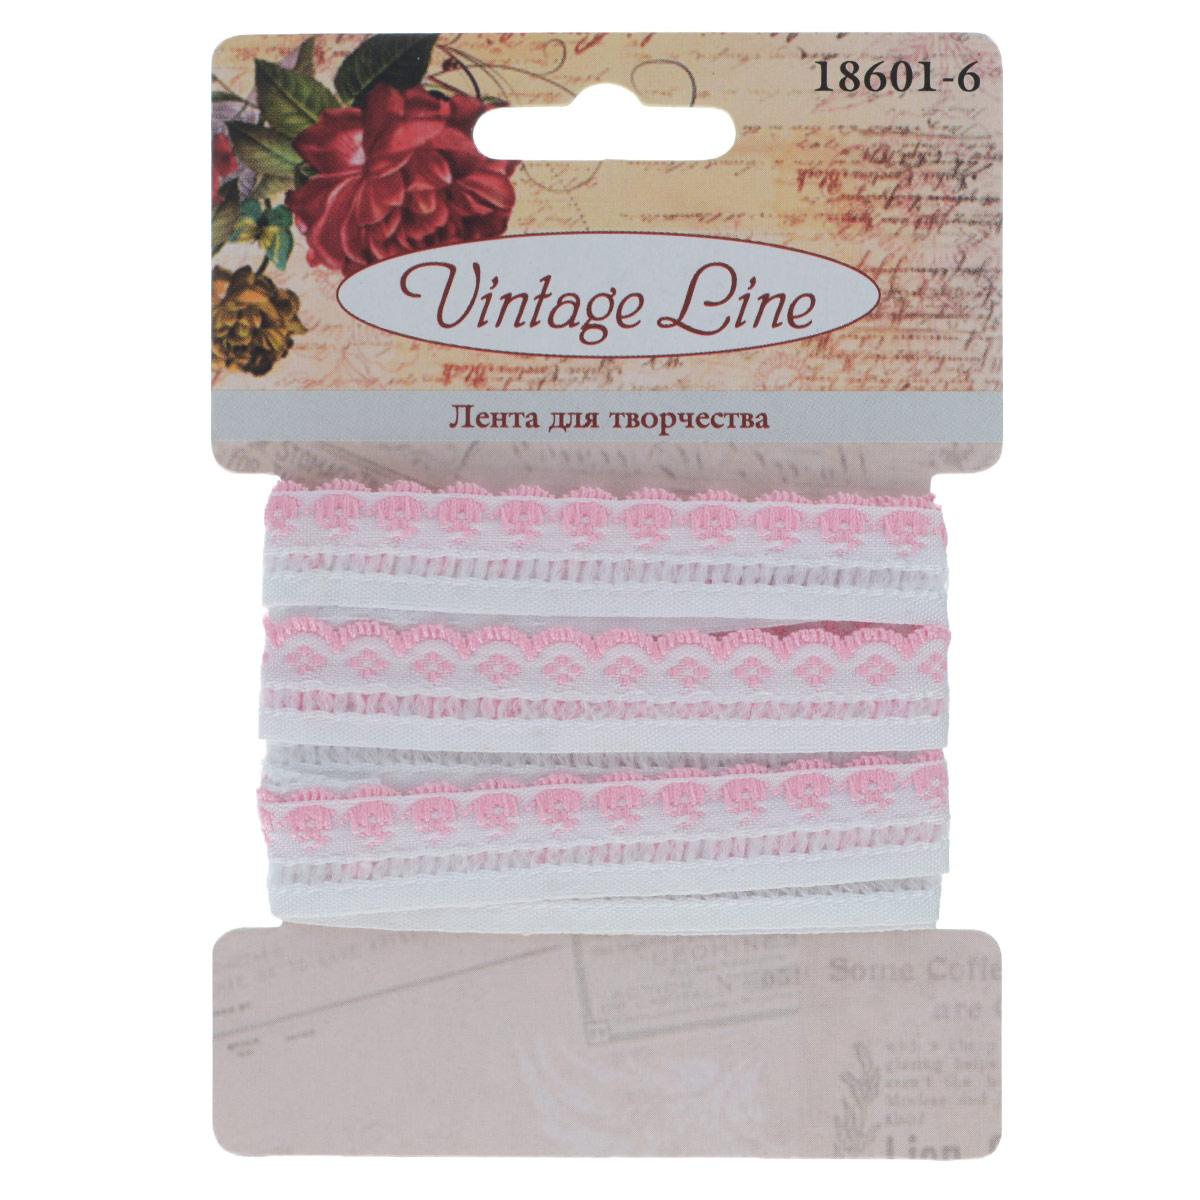 Лента декоративная Vintage Line, цвет: белый, розовый, 1,2 см х 150 см. 77096547709654Декоративная лента Vintage Line выполнена из текстиля и оформлена вышивкой. Такая лента идеально подойдет для оформления различных творческих работ таких, как скрапбукинг, аппликация, декор коробок и открыток и многое другое. Лента наивысшего качества практична в использовании. Она станет незаменимым элементом в создании рукотворного шедевра. Ширина: 1,2 см. Длина: 1,5 м.